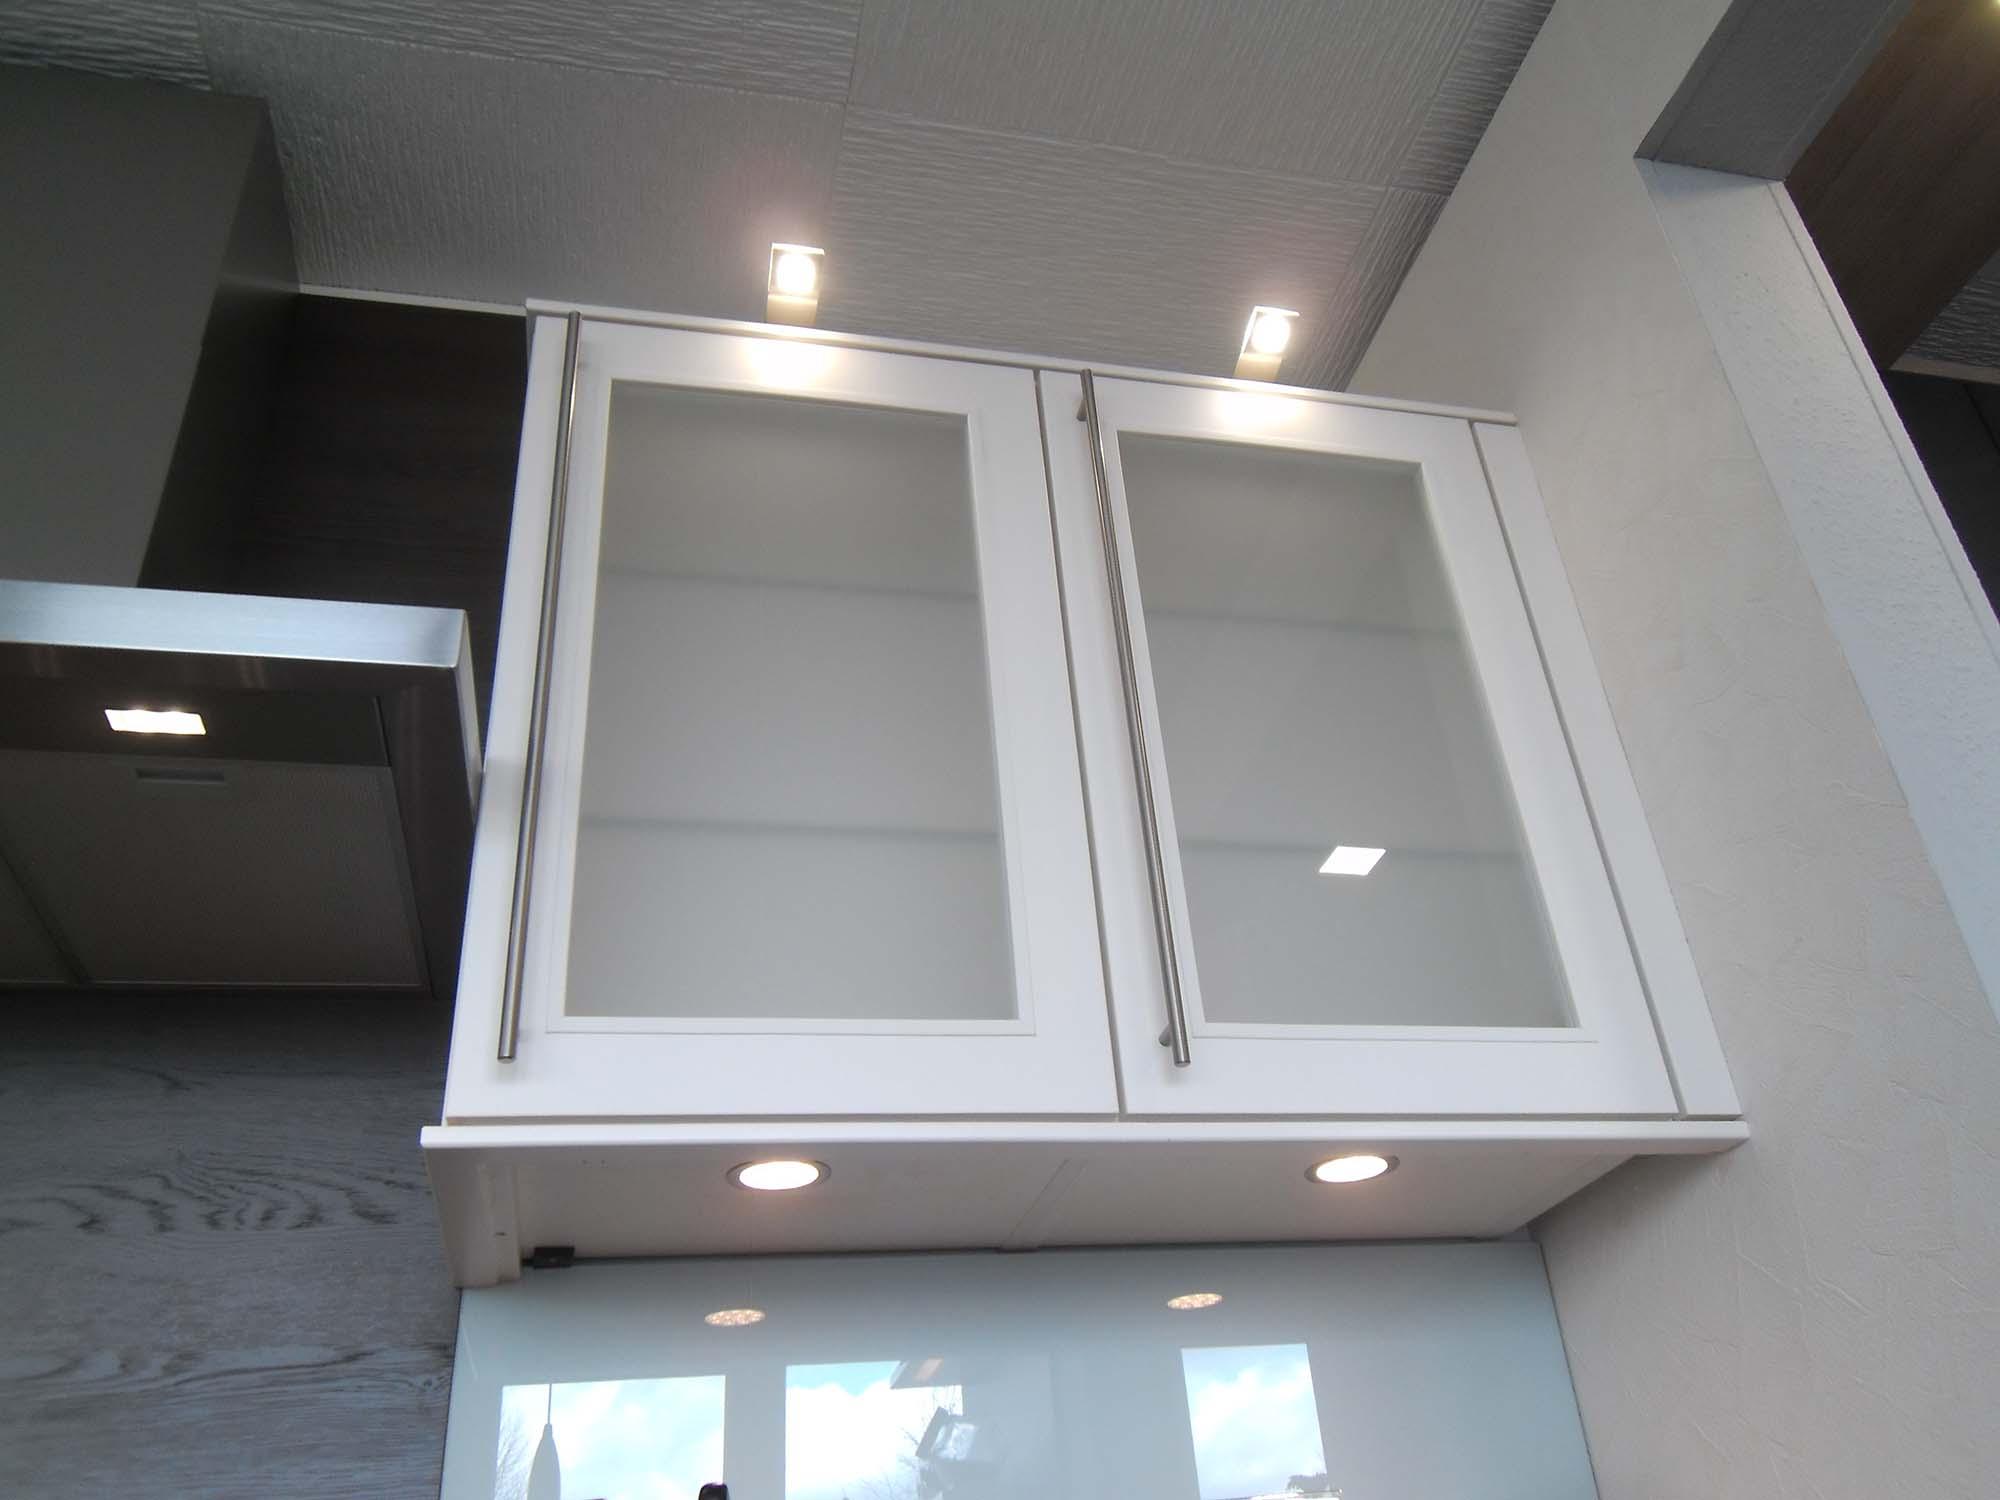 Oberschränke mit LED-Arbeitsplatz- und Ambientebeleuchtung